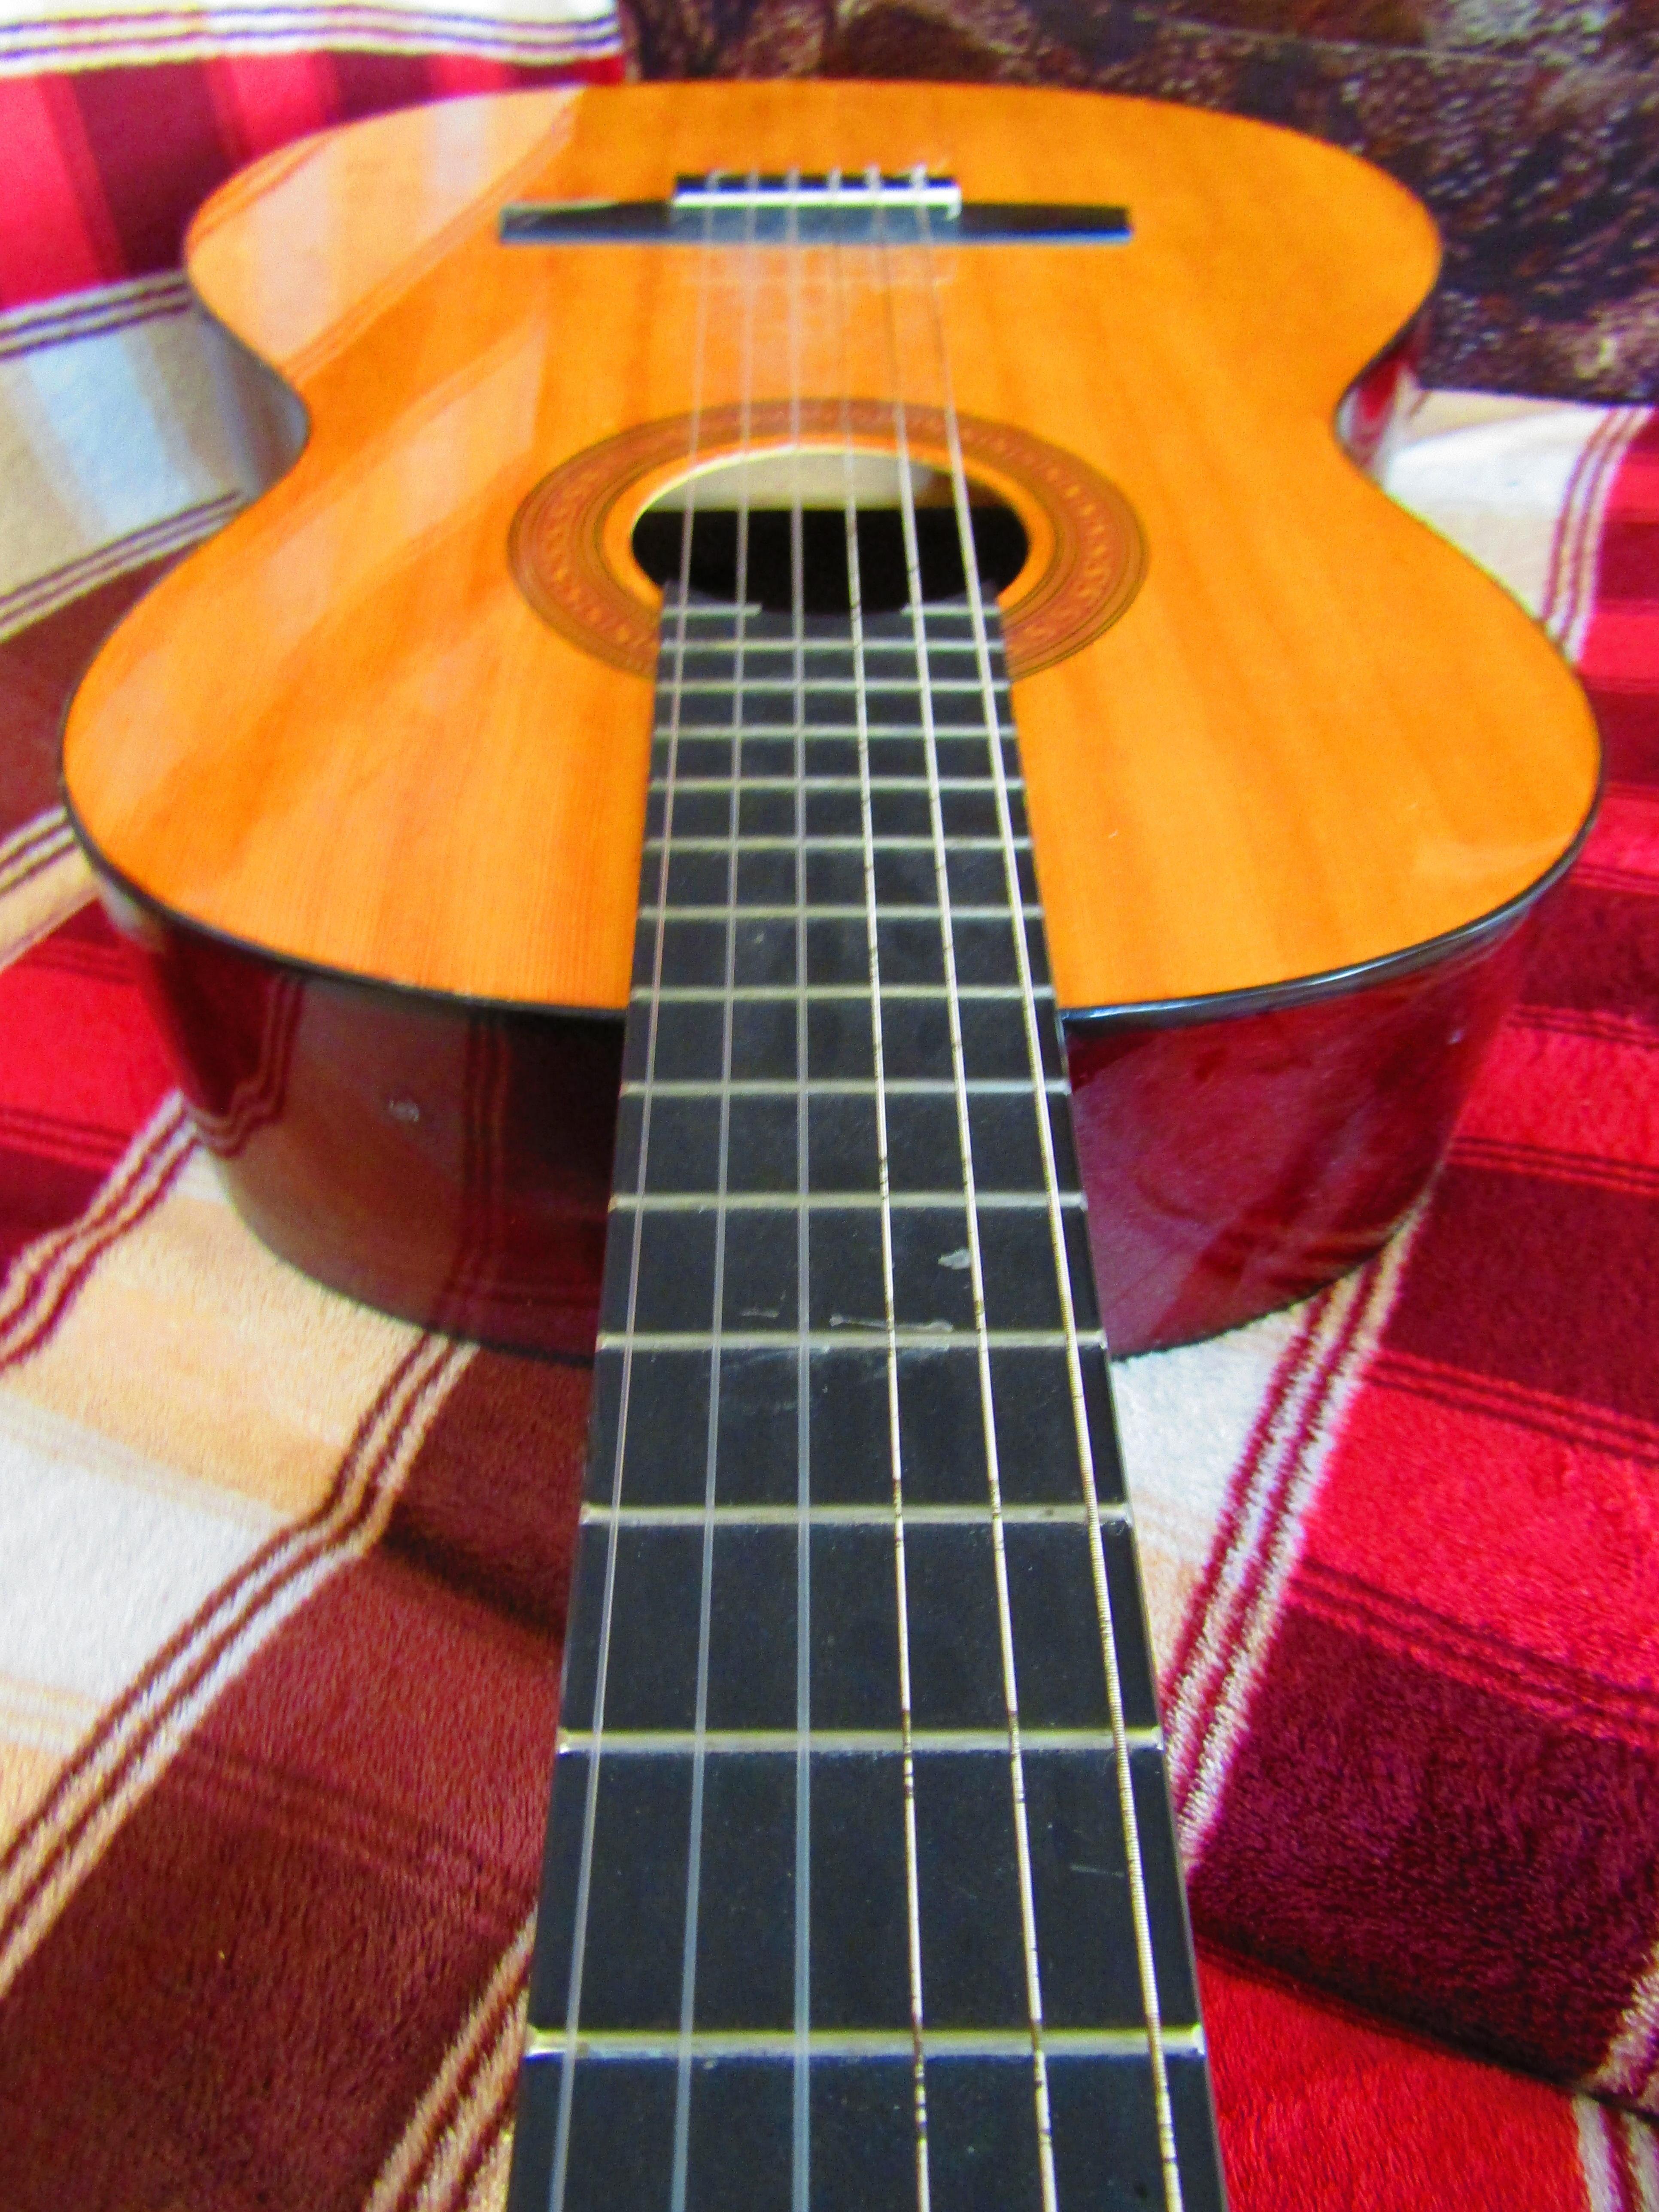 декор из гитары и плинтсов